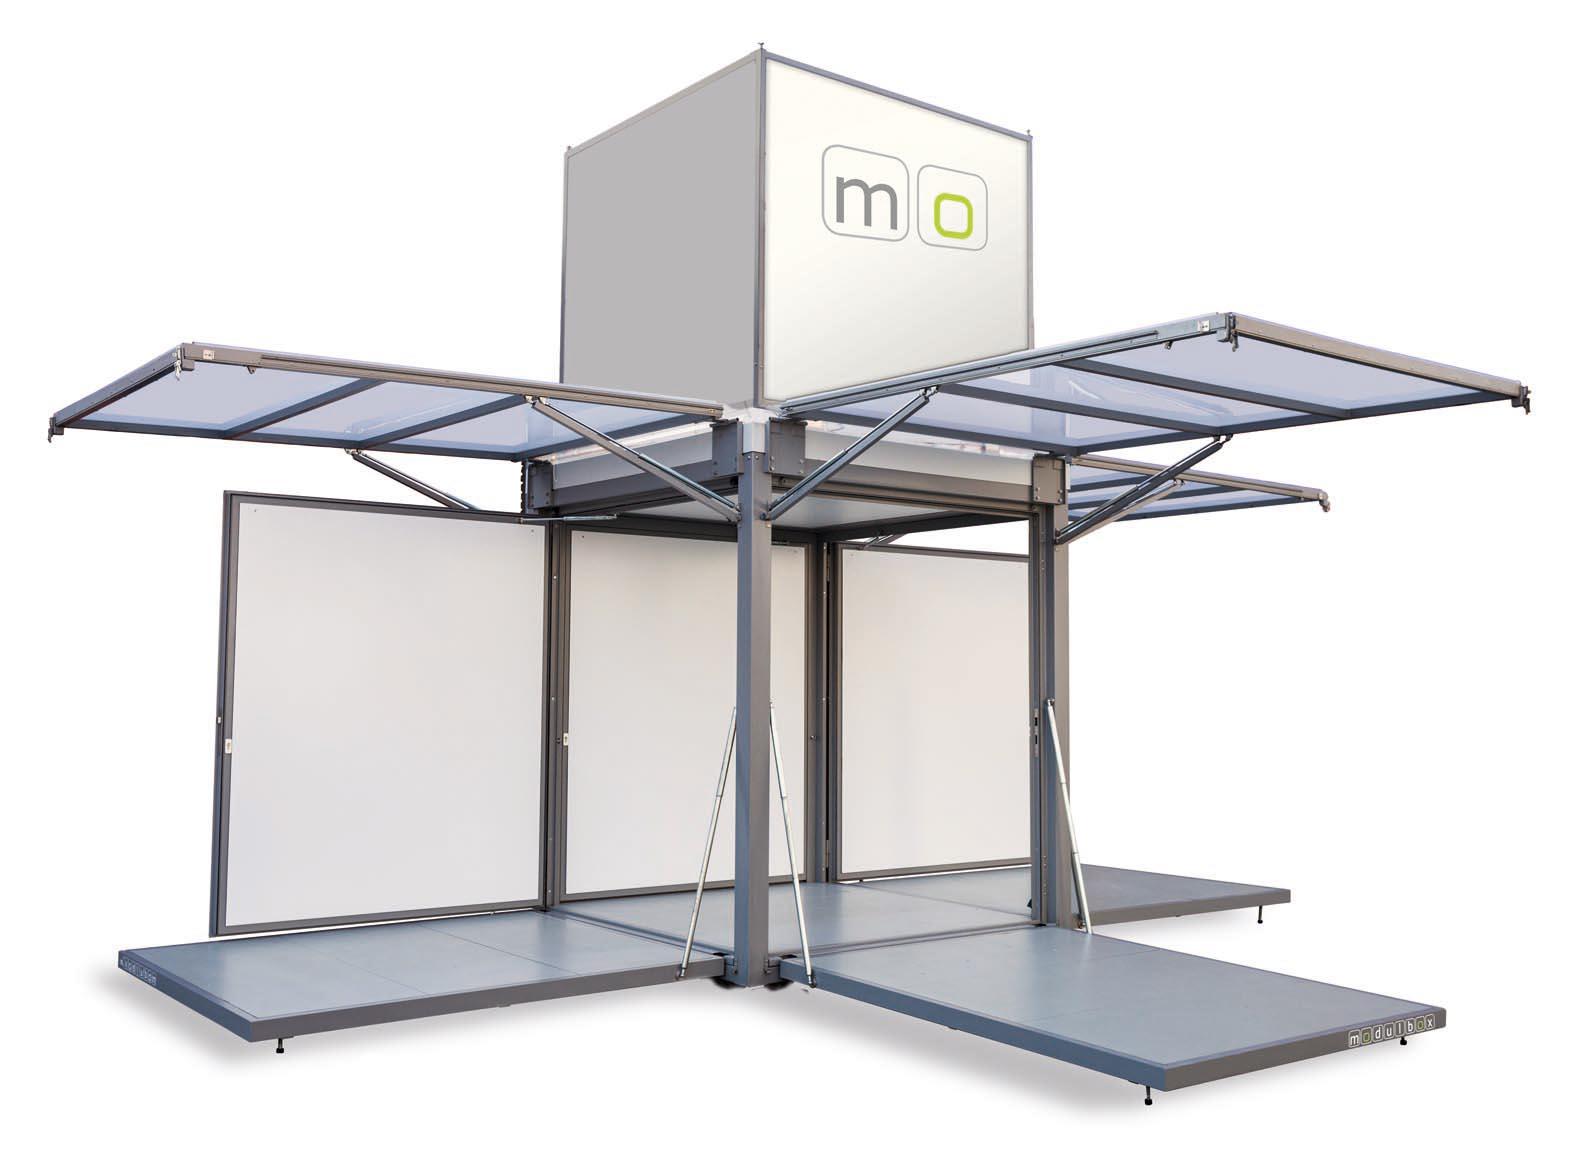 modulbox by mosysteme